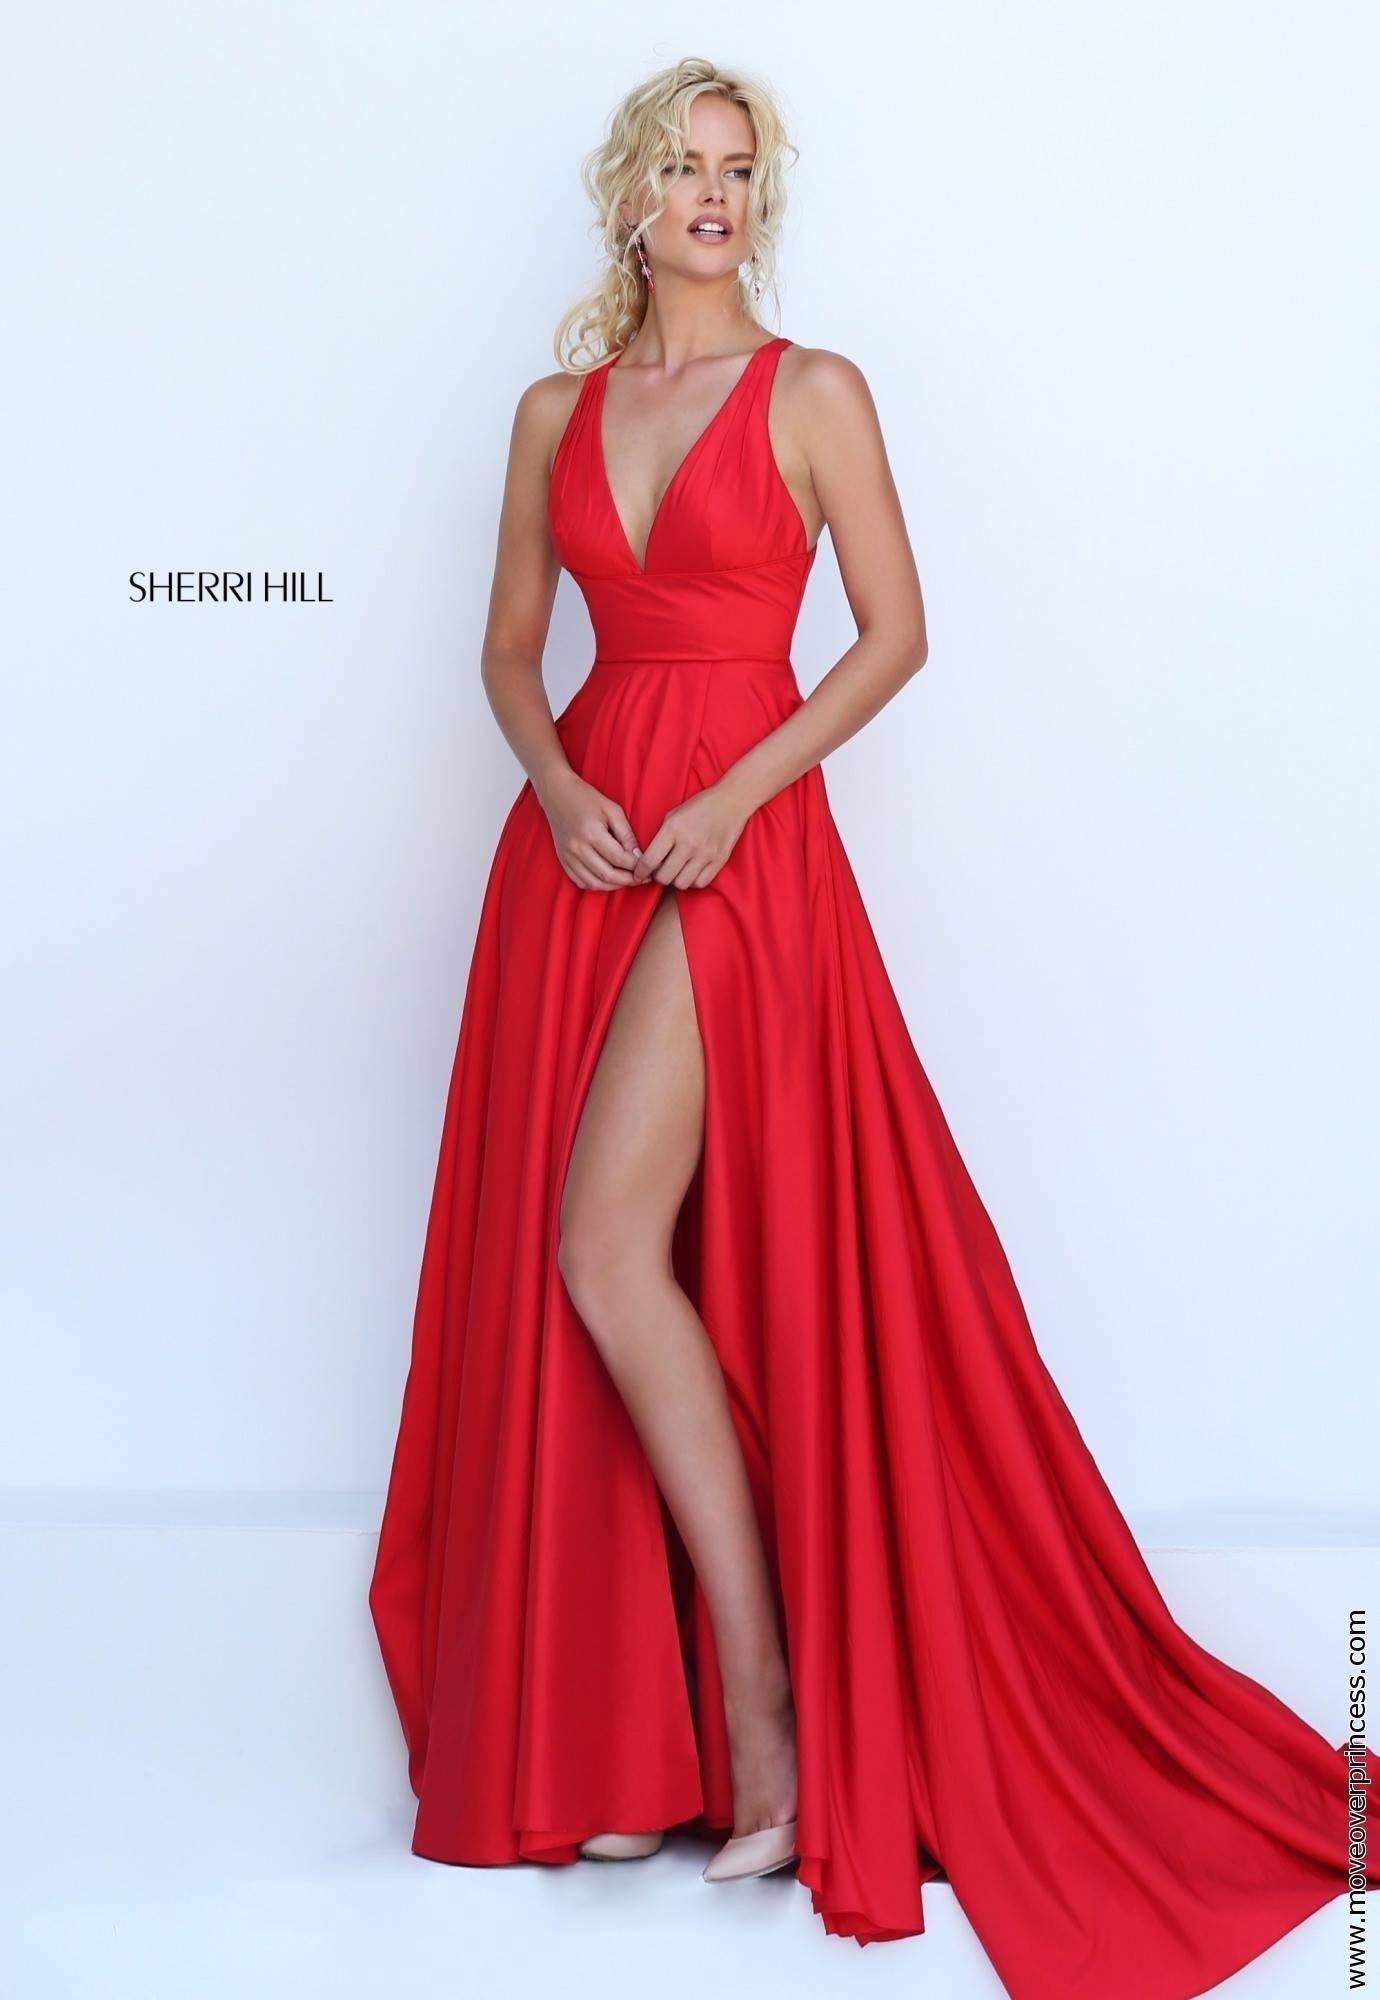 20 Luxurius Kleider Anlässe Boutique10 Genial Kleider Anlässe Boutique